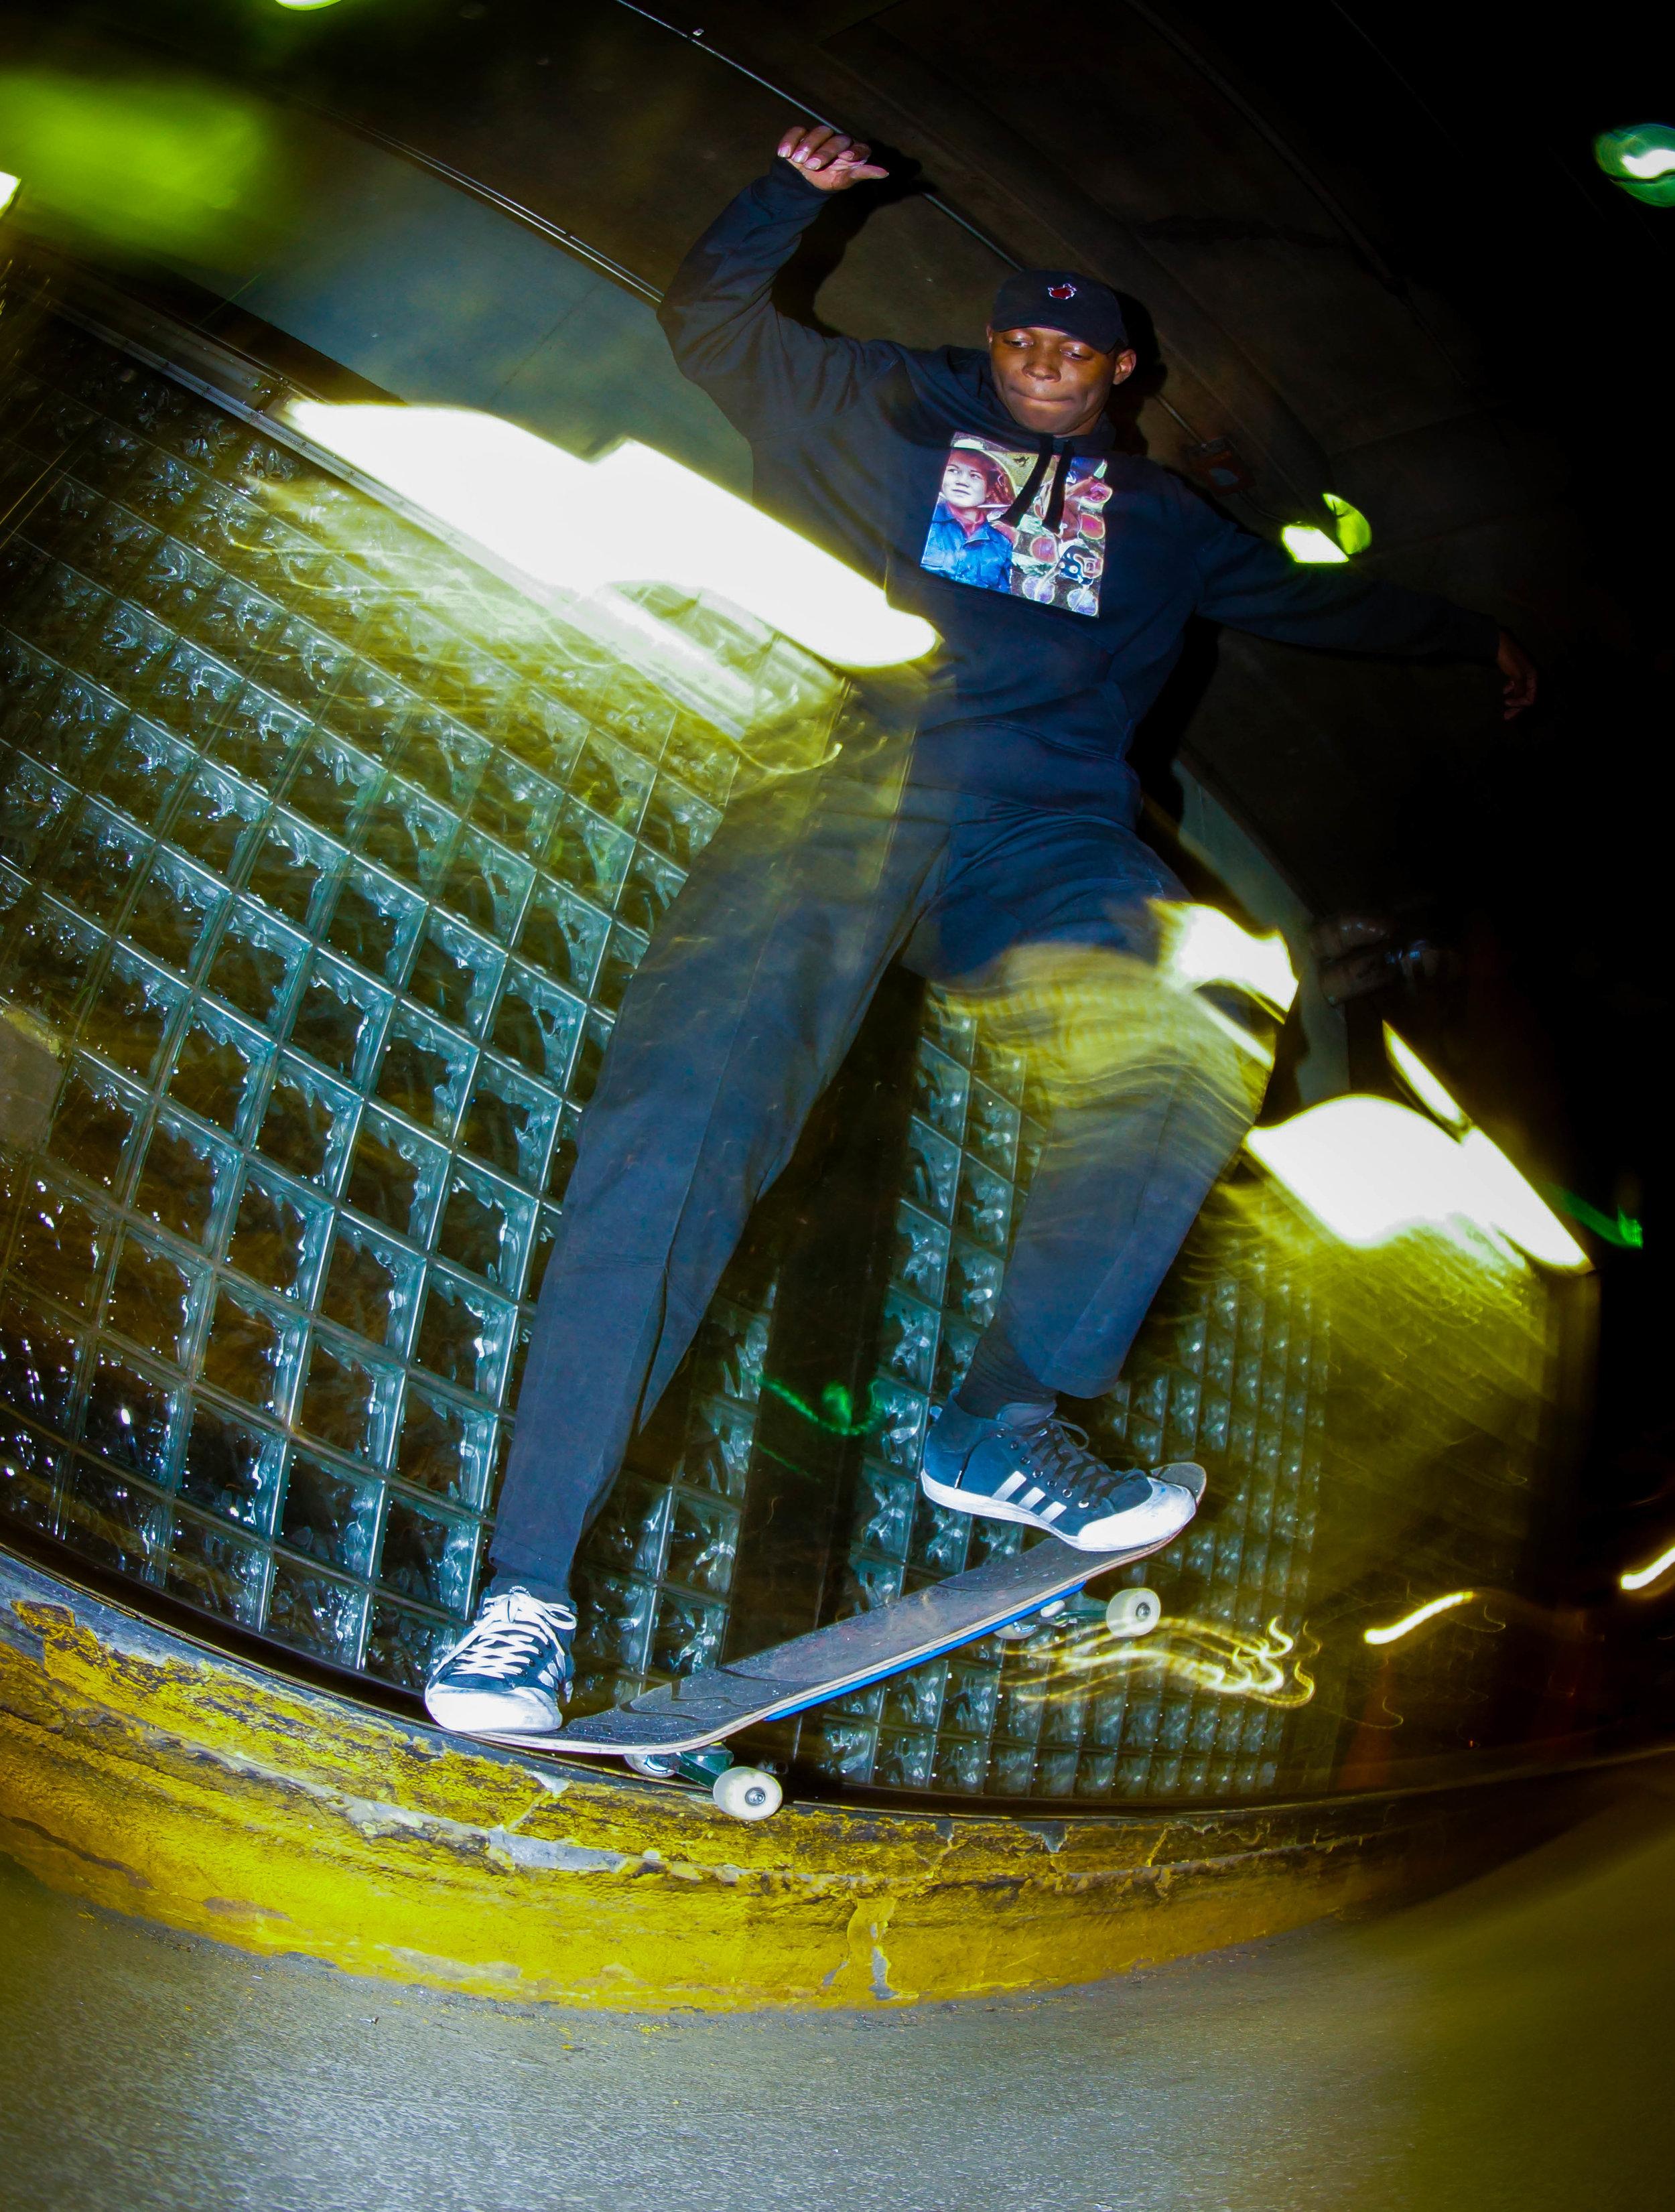 Jarren crooked grind-07584.jpg